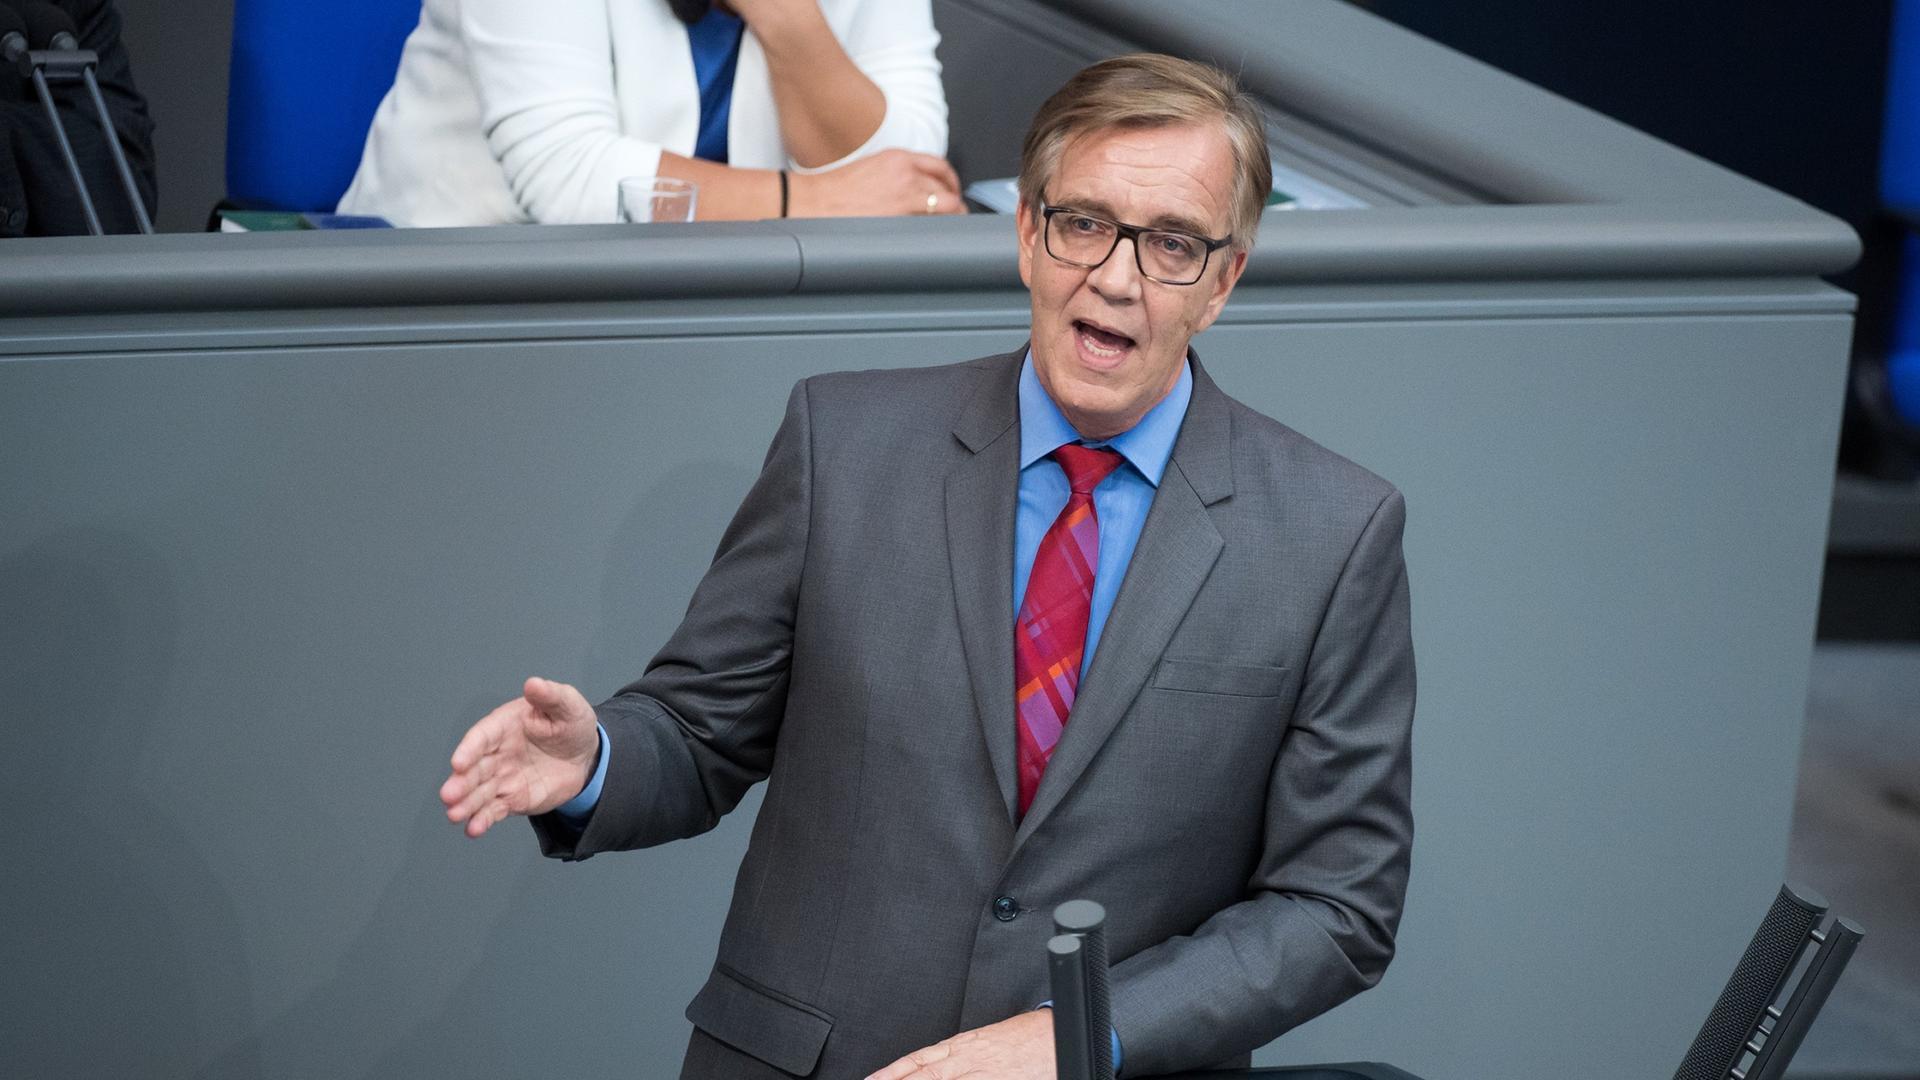 dietmar bartsch vorsitzender der bundestagsfraktion der linken - Christian Sievers Lebenslauf